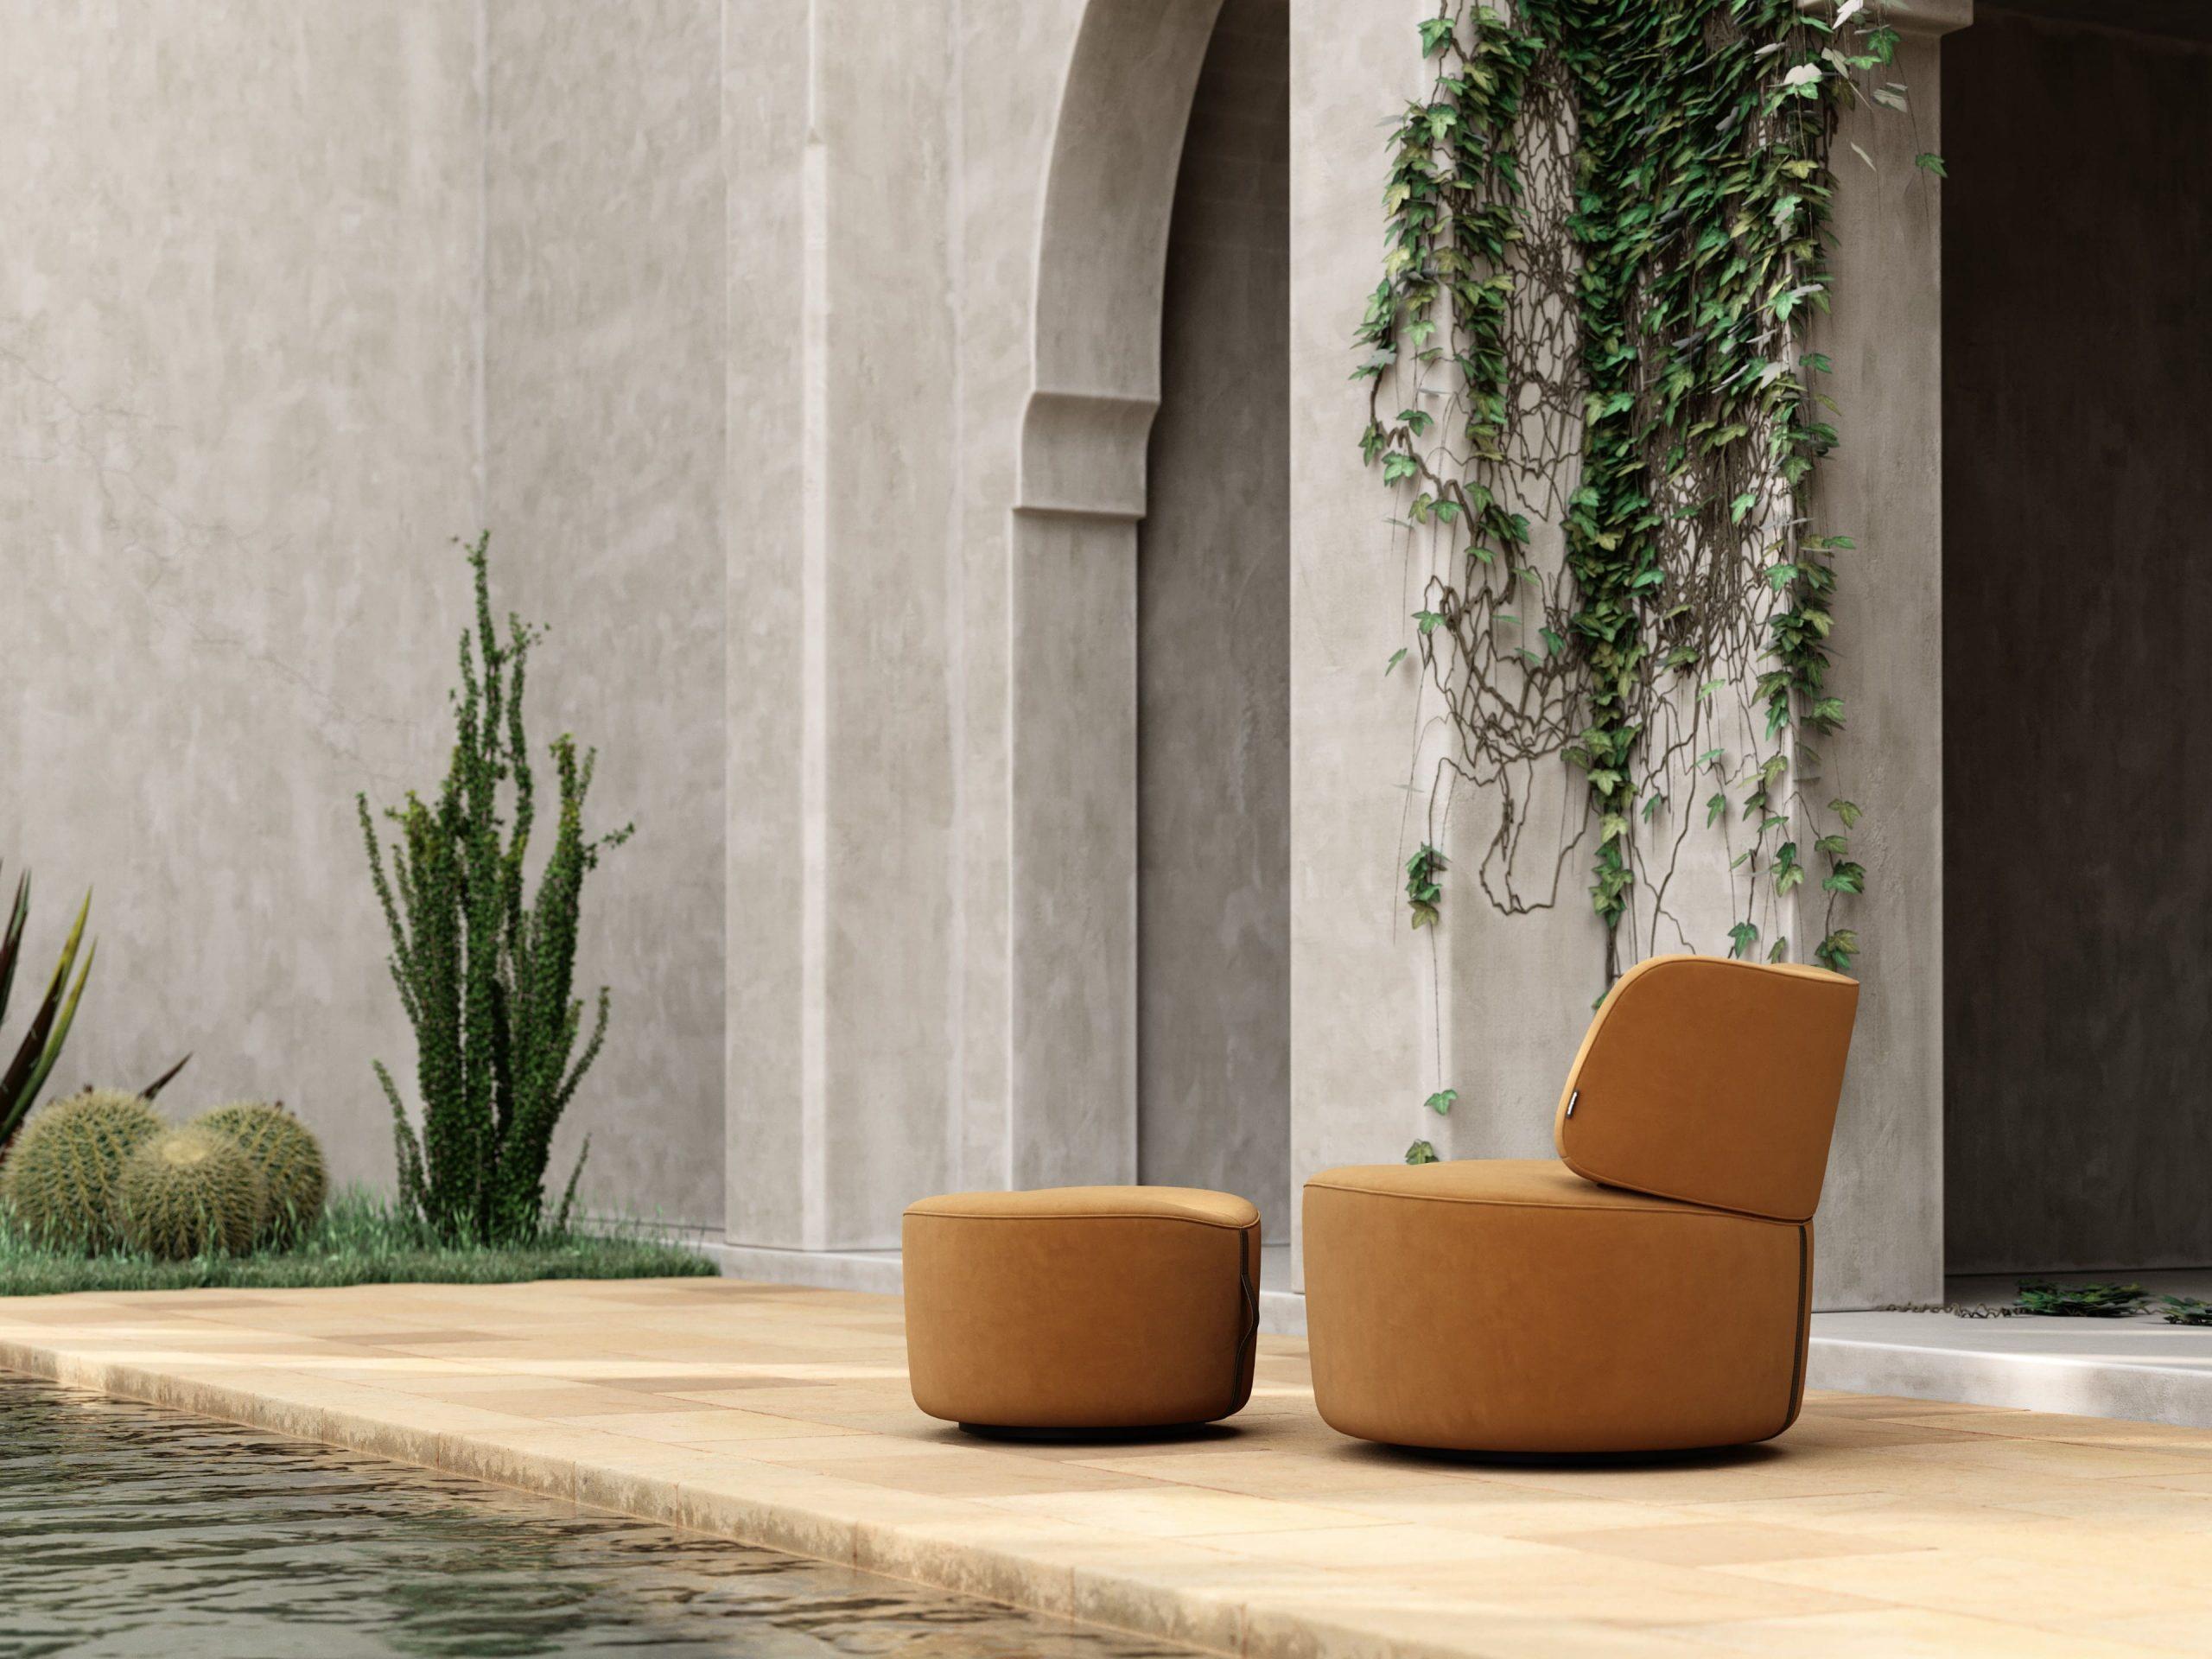 harmony-armchair-domkapa-velvet-living-room-interior-design-8